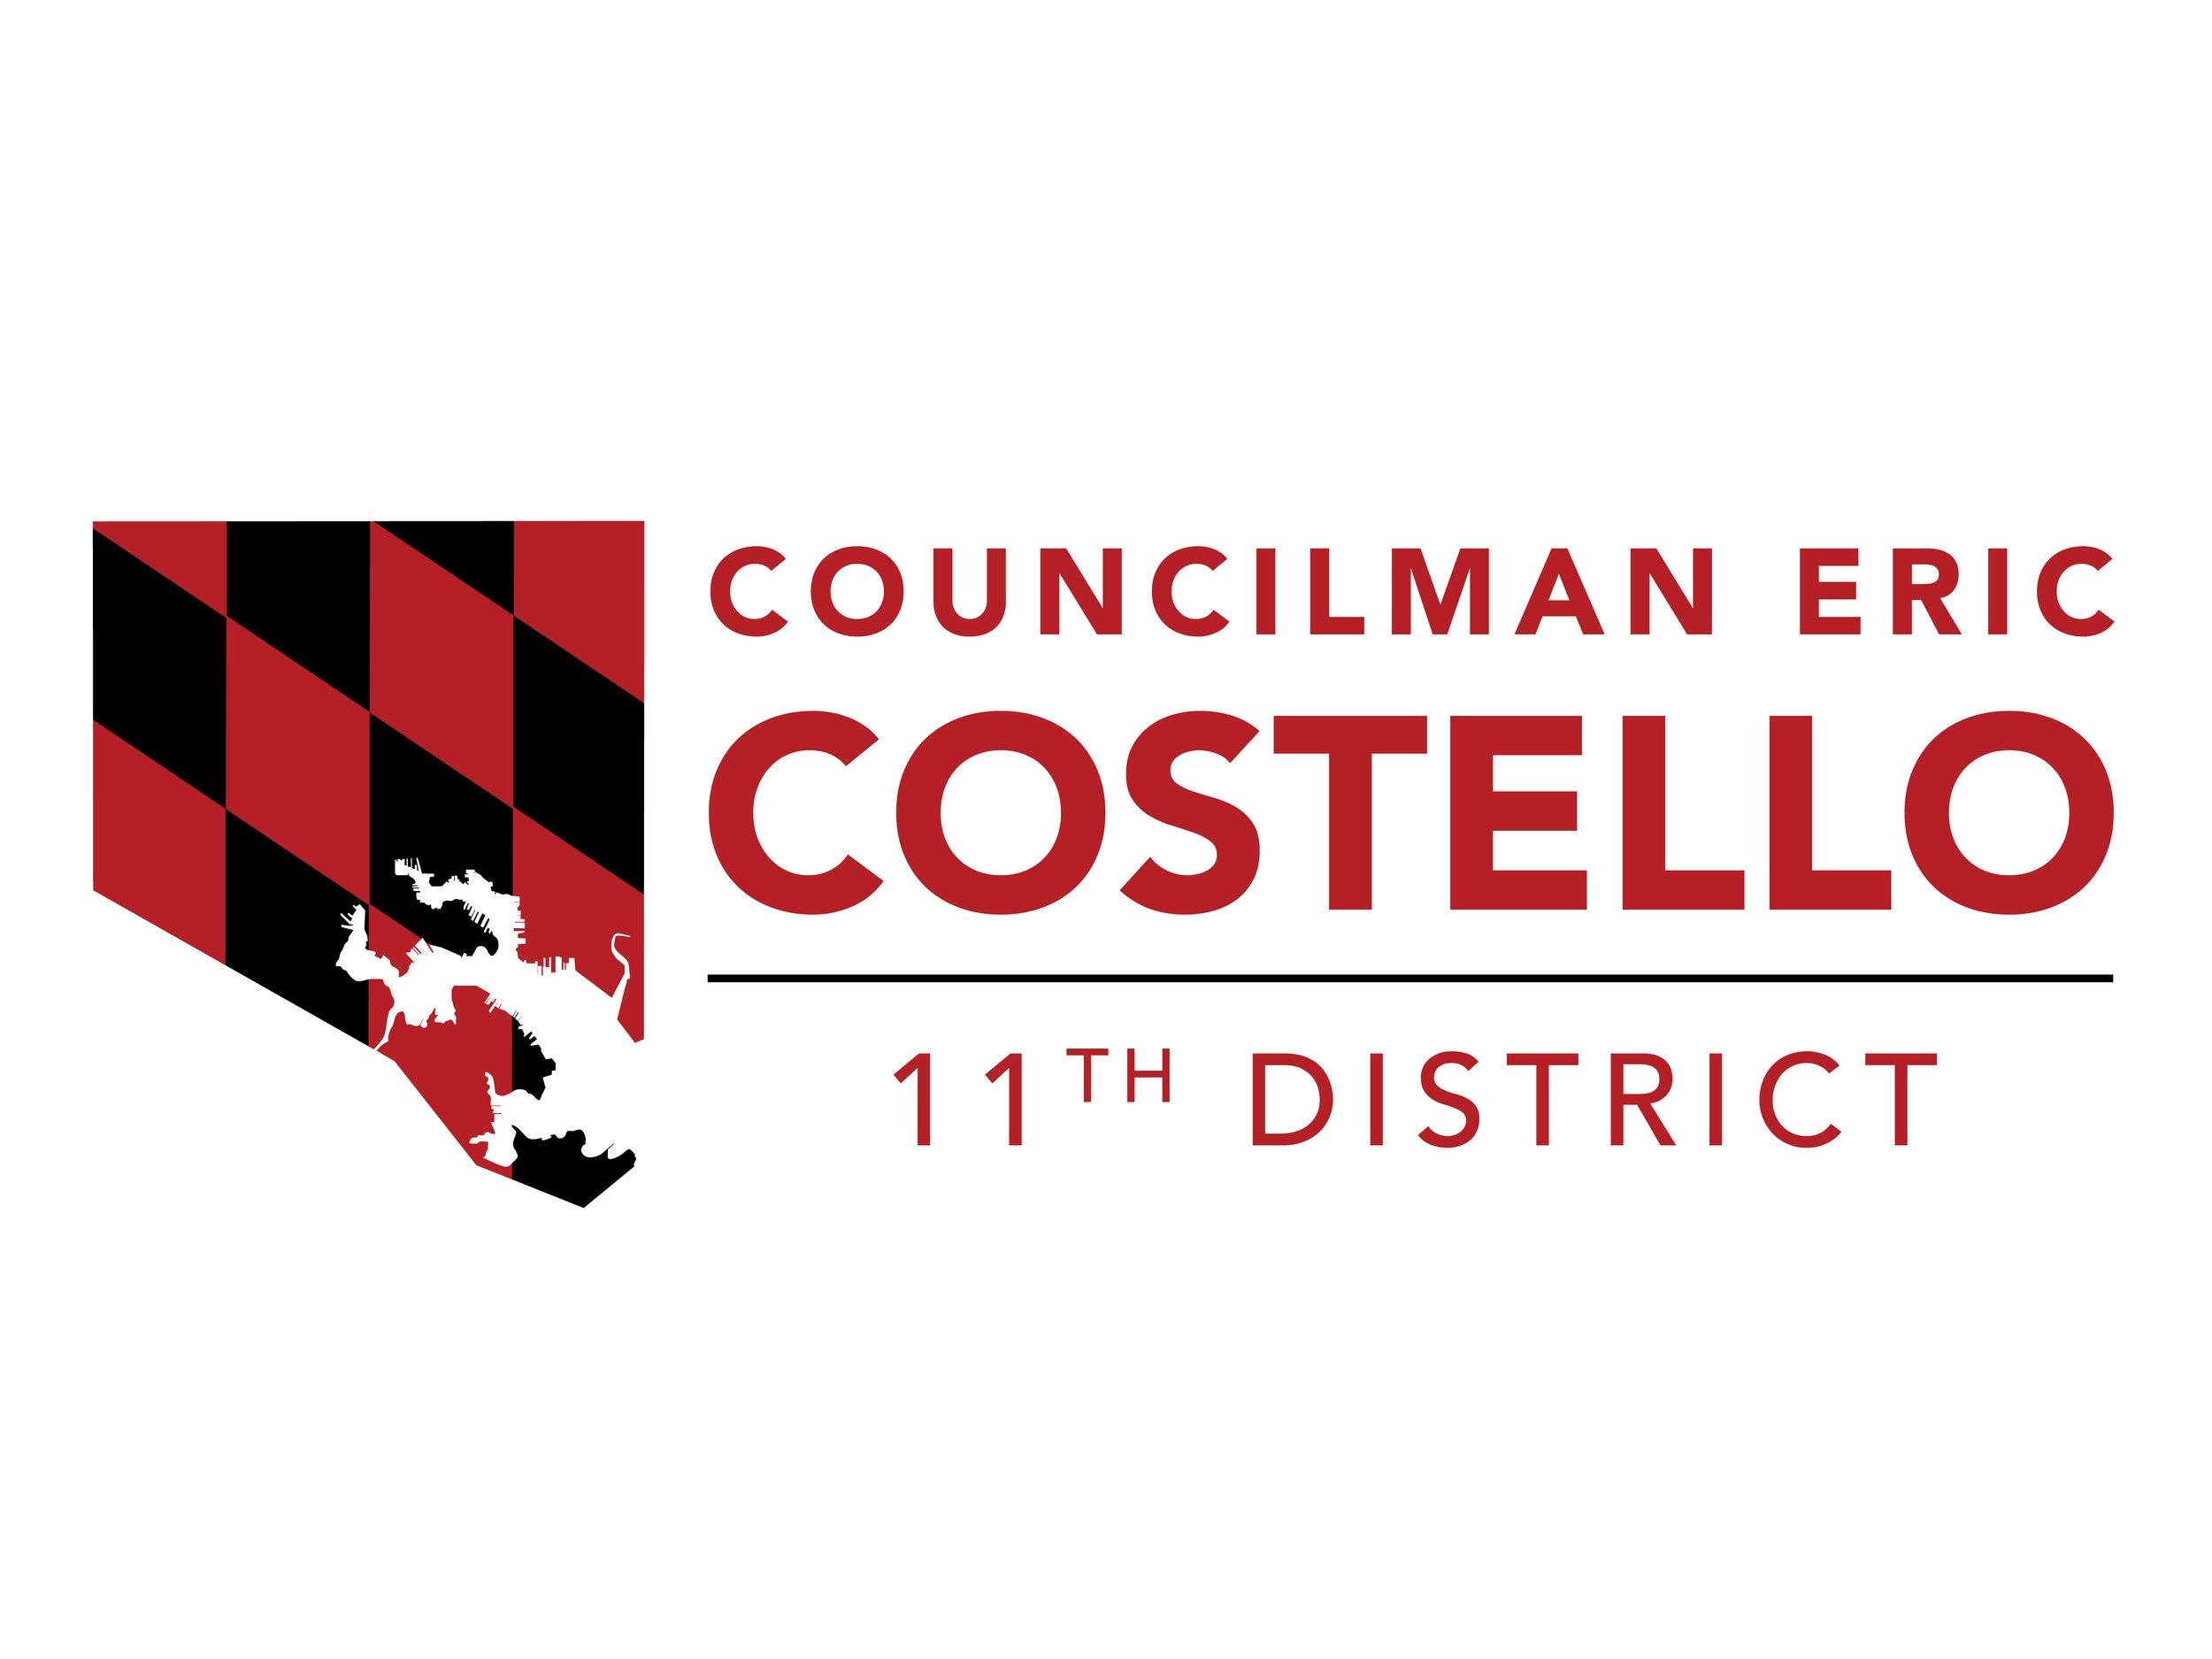 Costello - White - Standard.jpg